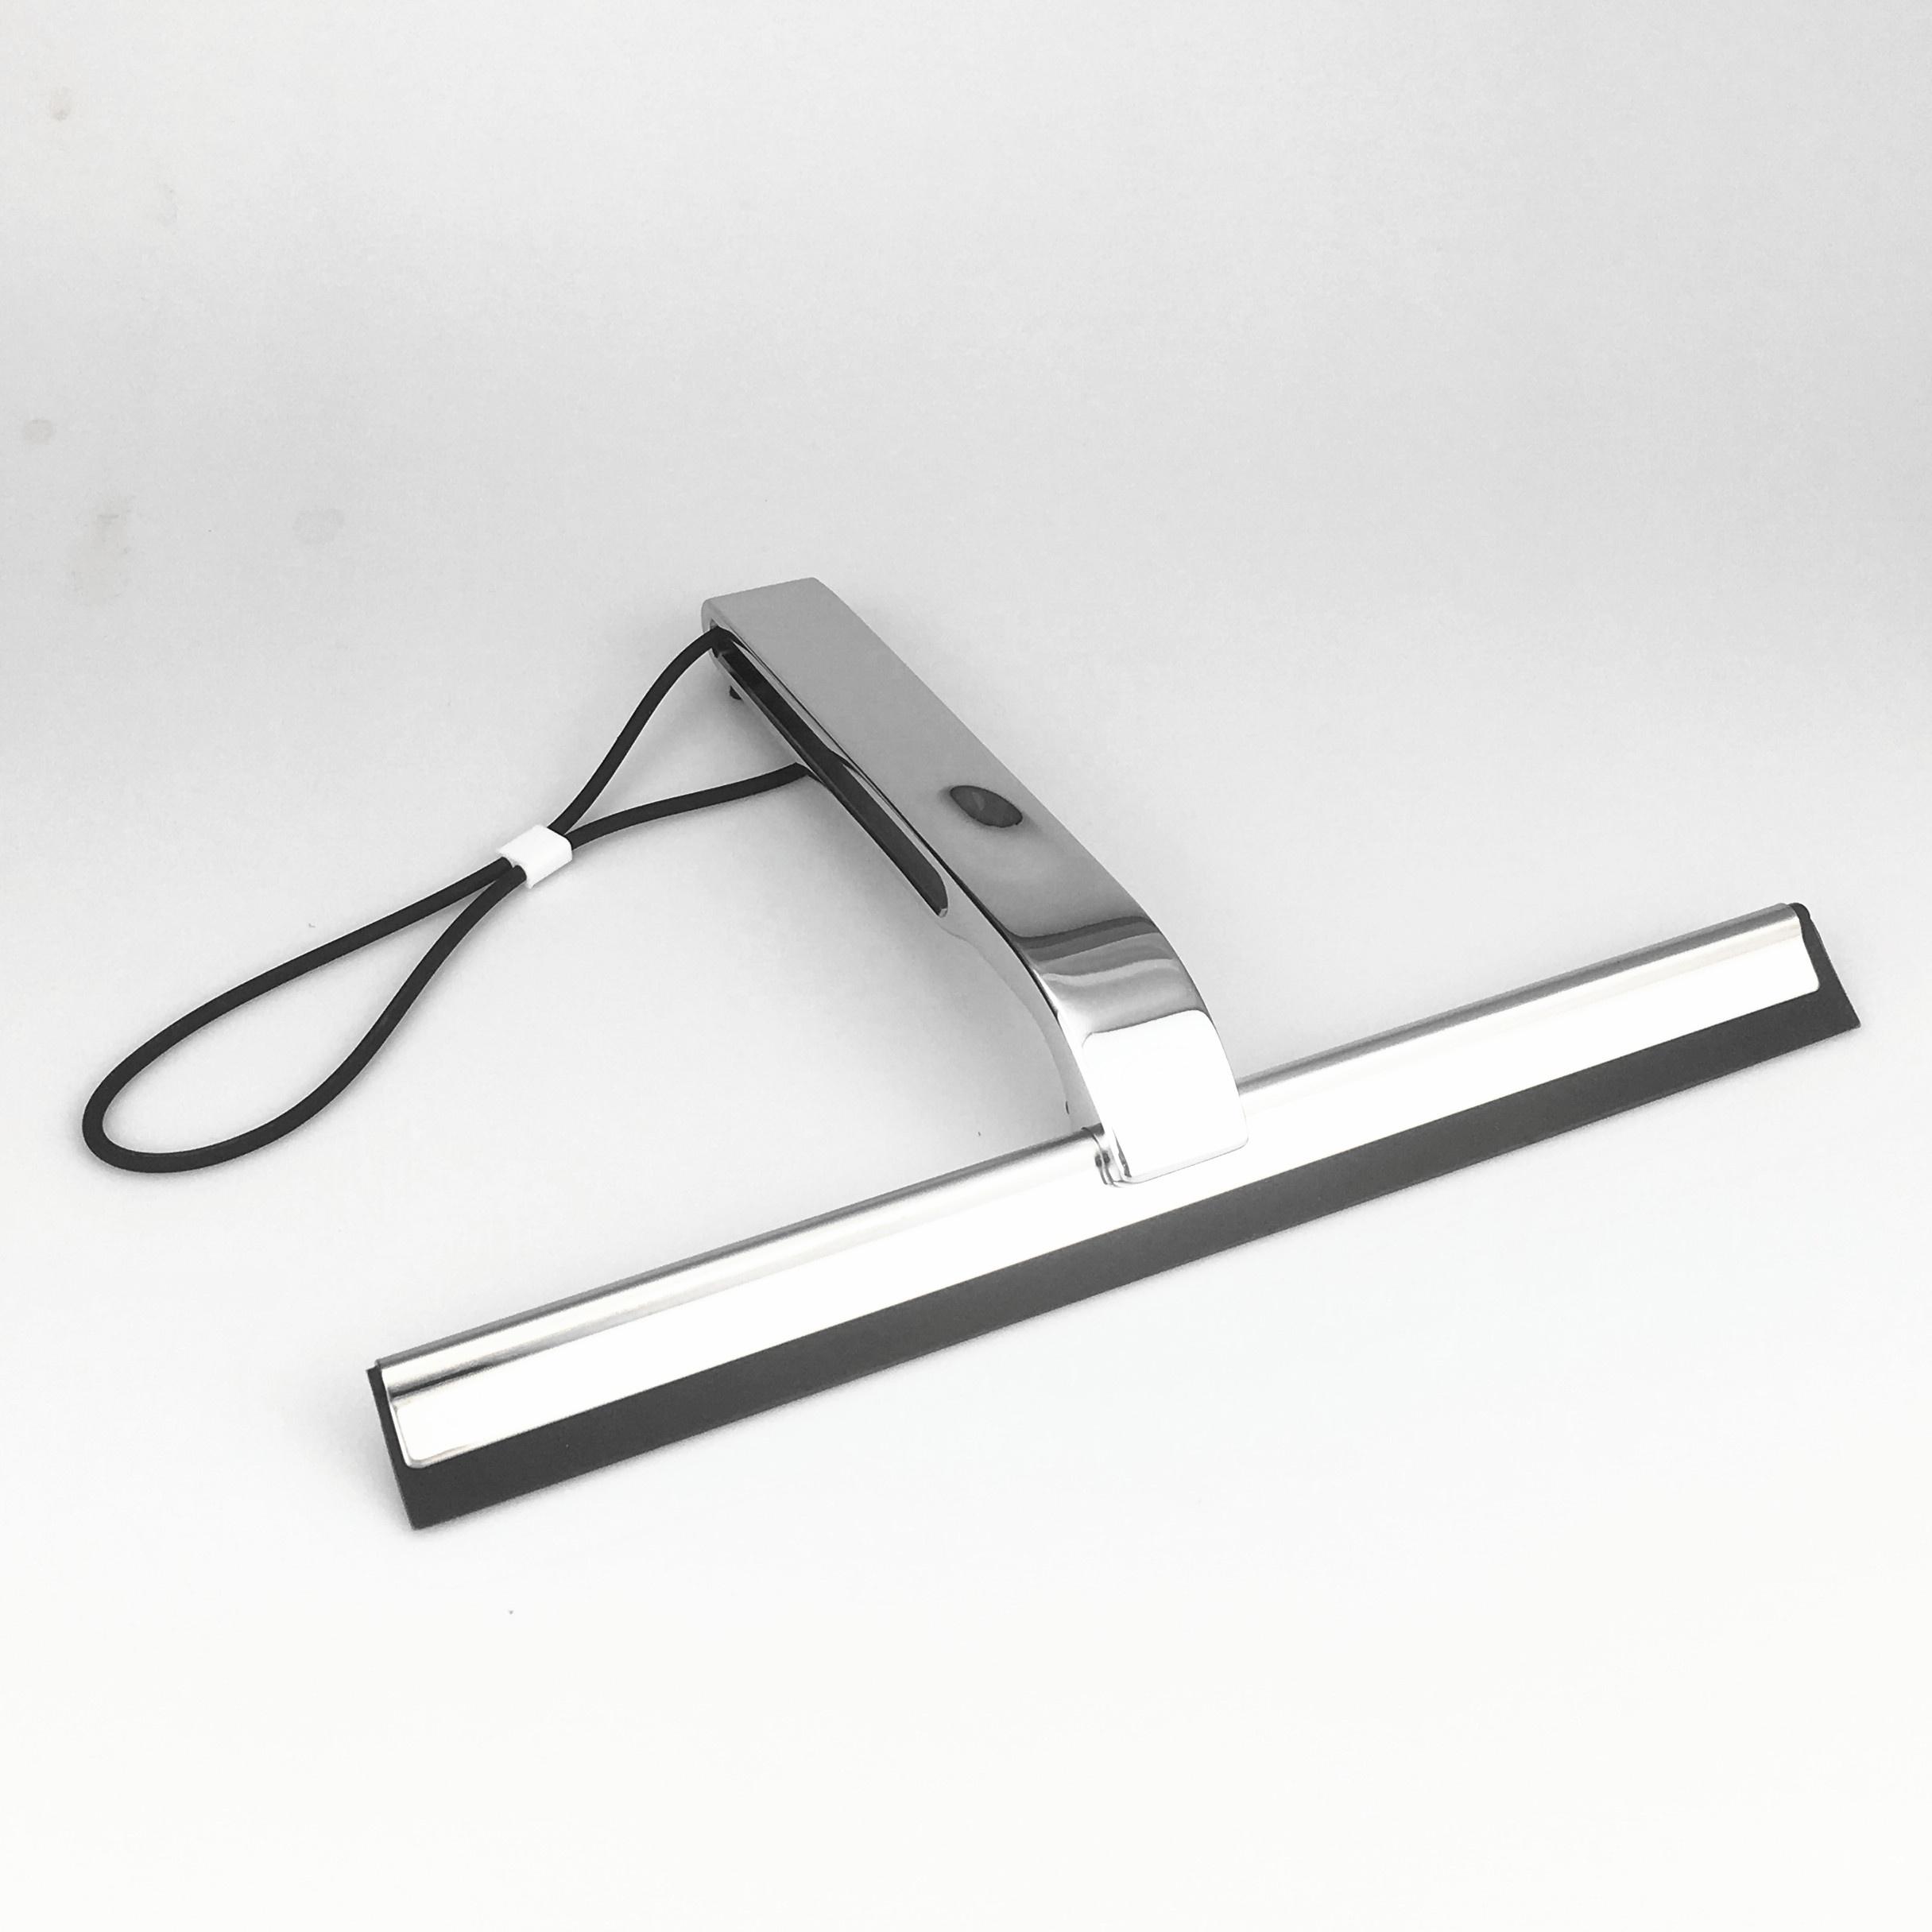 Автомобильное стекло и душевая комната стекло латунная резиновая щетка для очистки окон